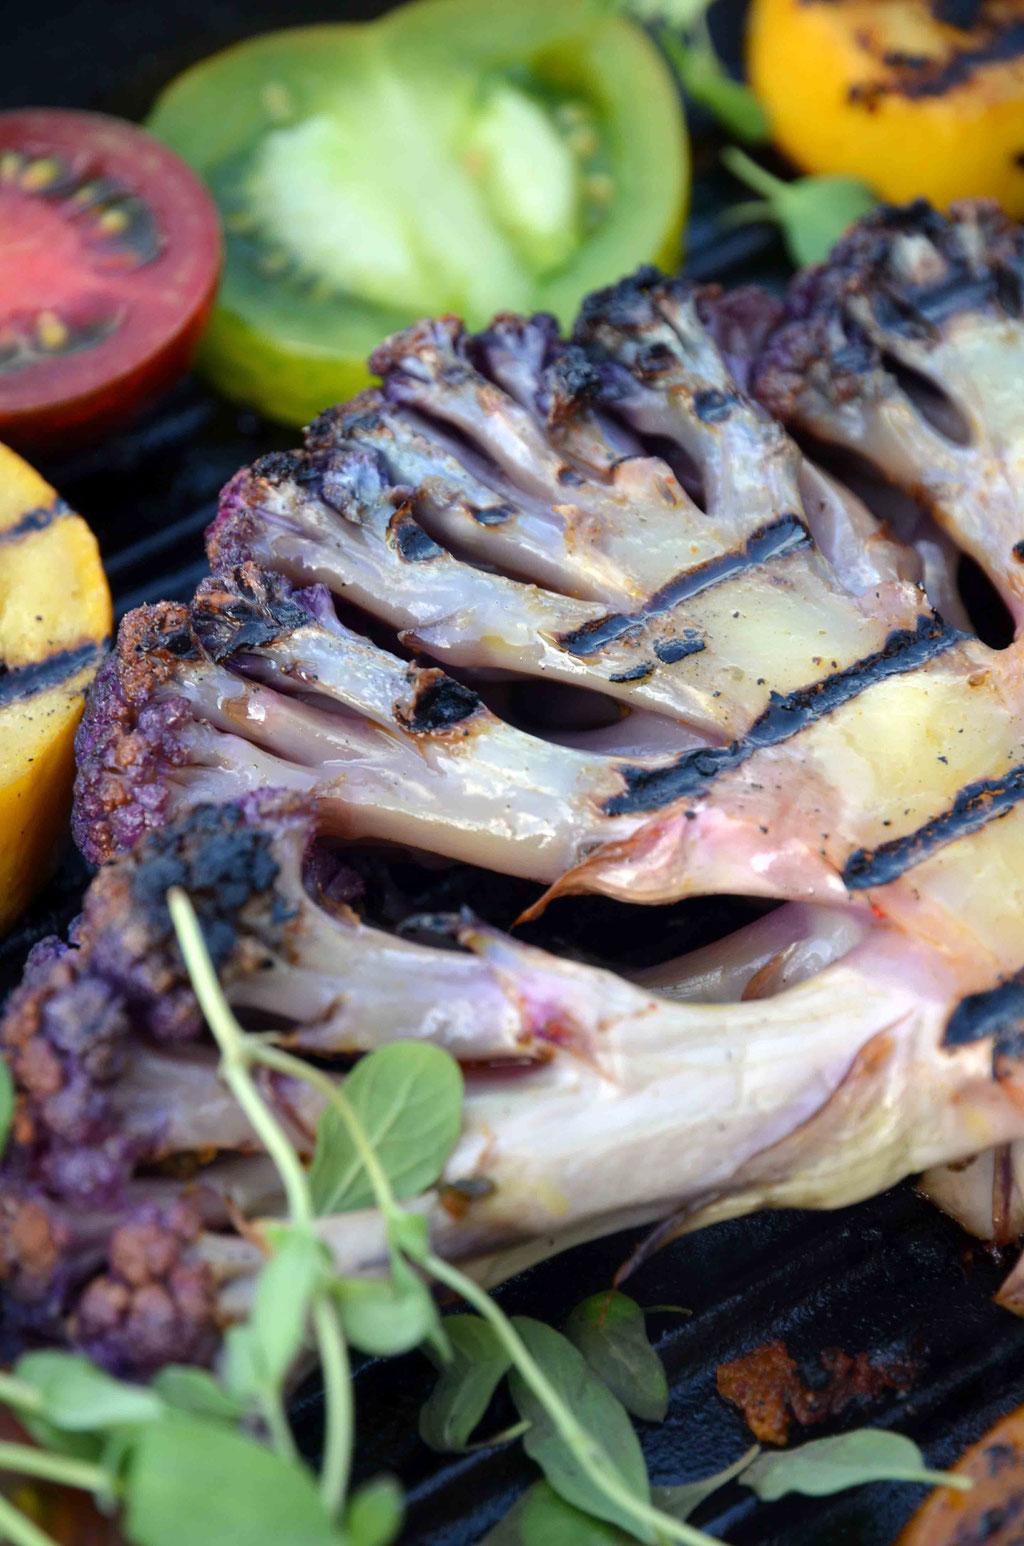 Buntes Gemüse vom Grill macht einfach in vielen Variationen Spaß.